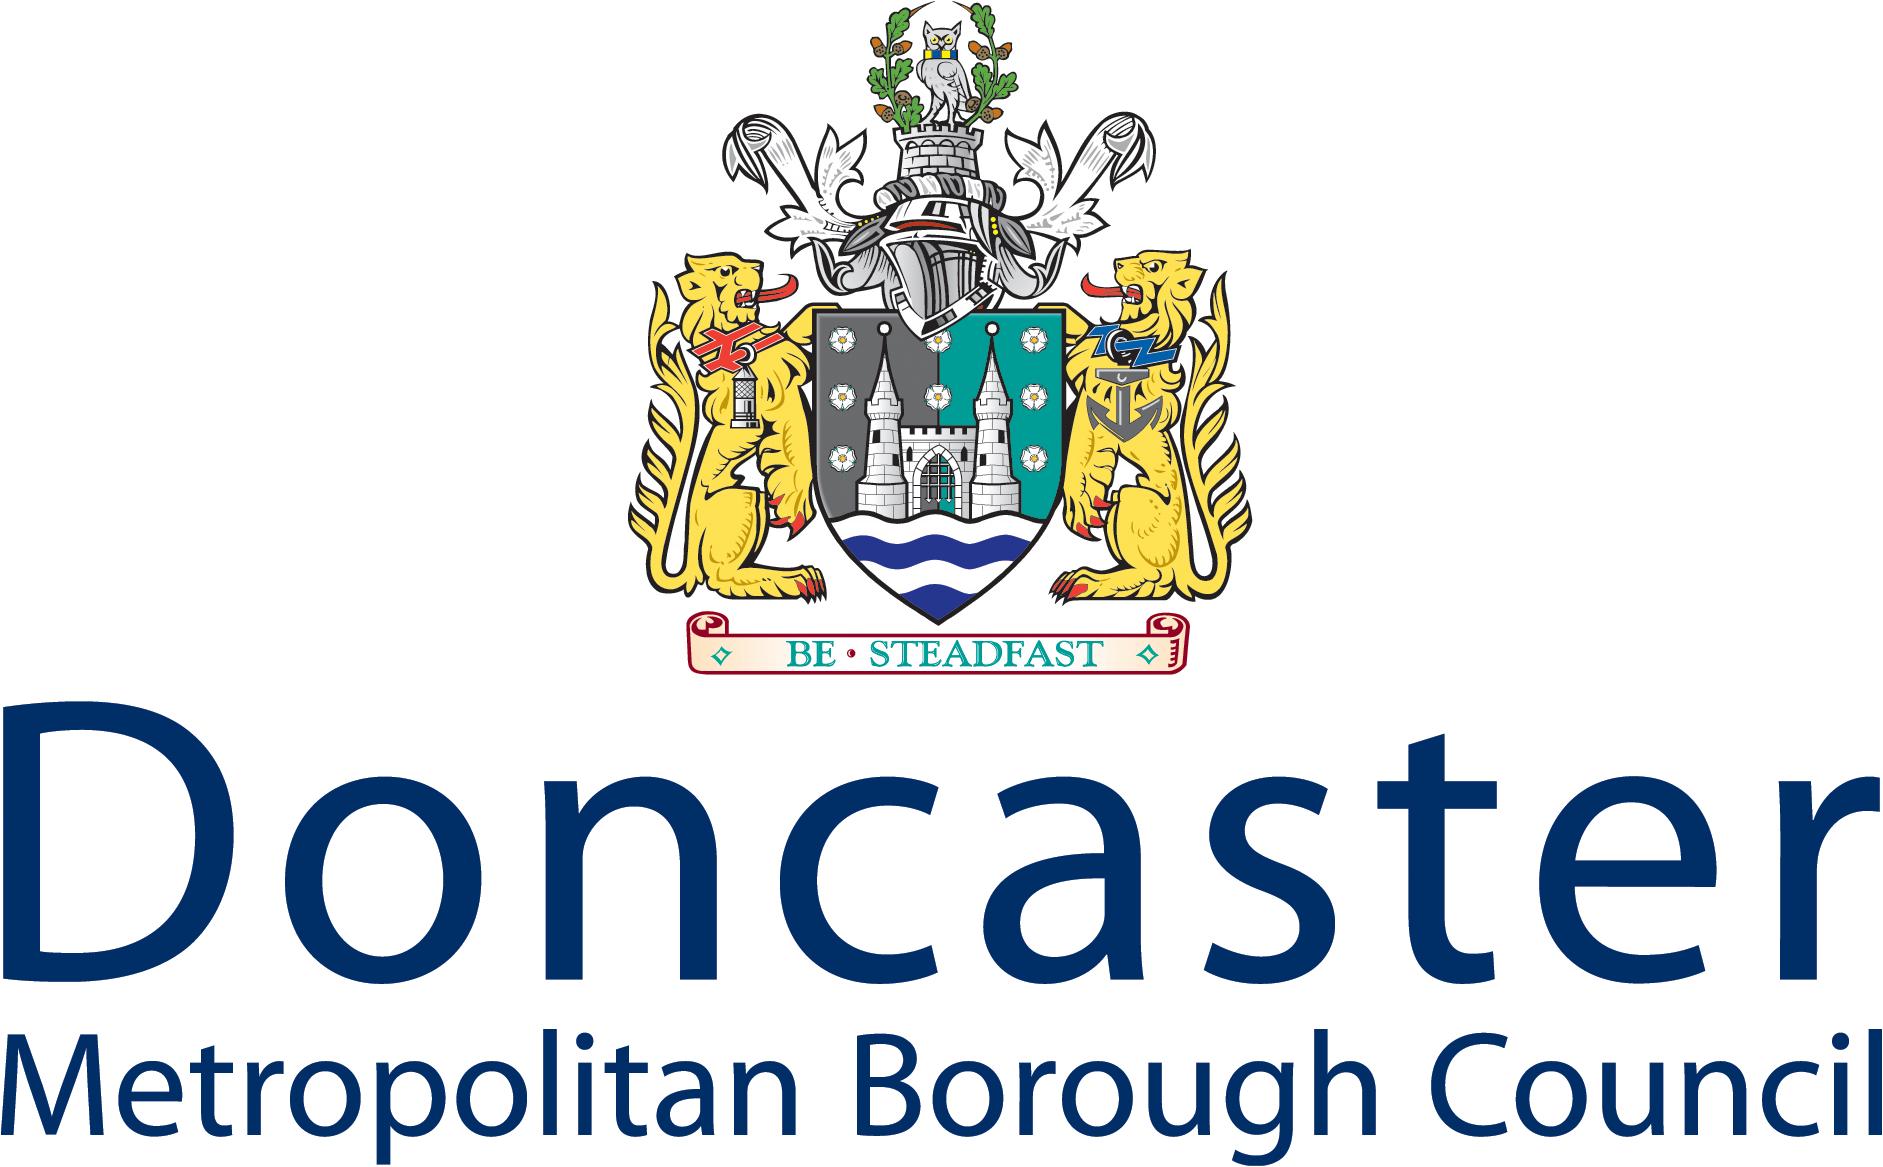 Doncaster_Metropolitan_Borough_Council(transparent).png